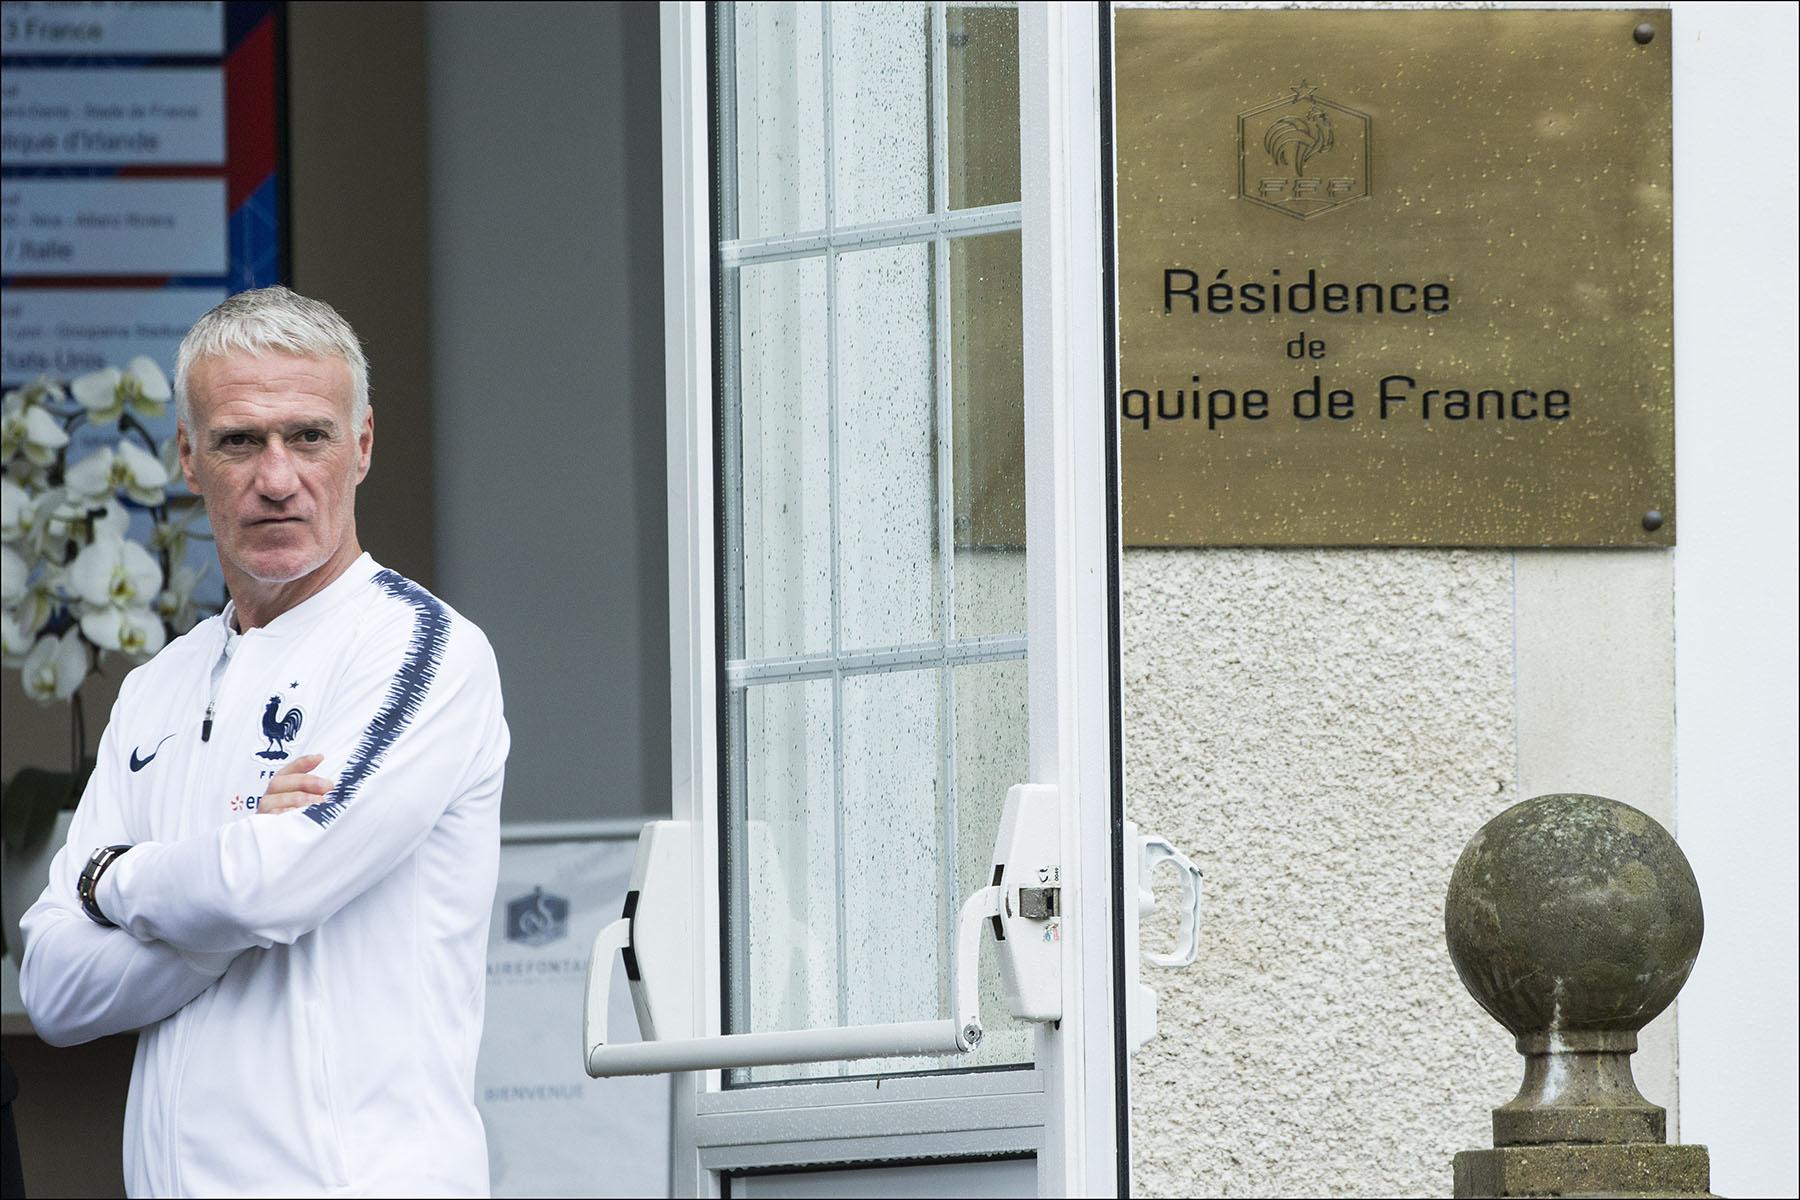 Emmanuel et Brigitte MACRON avec l'équipe de France de football à Clairefontaine.